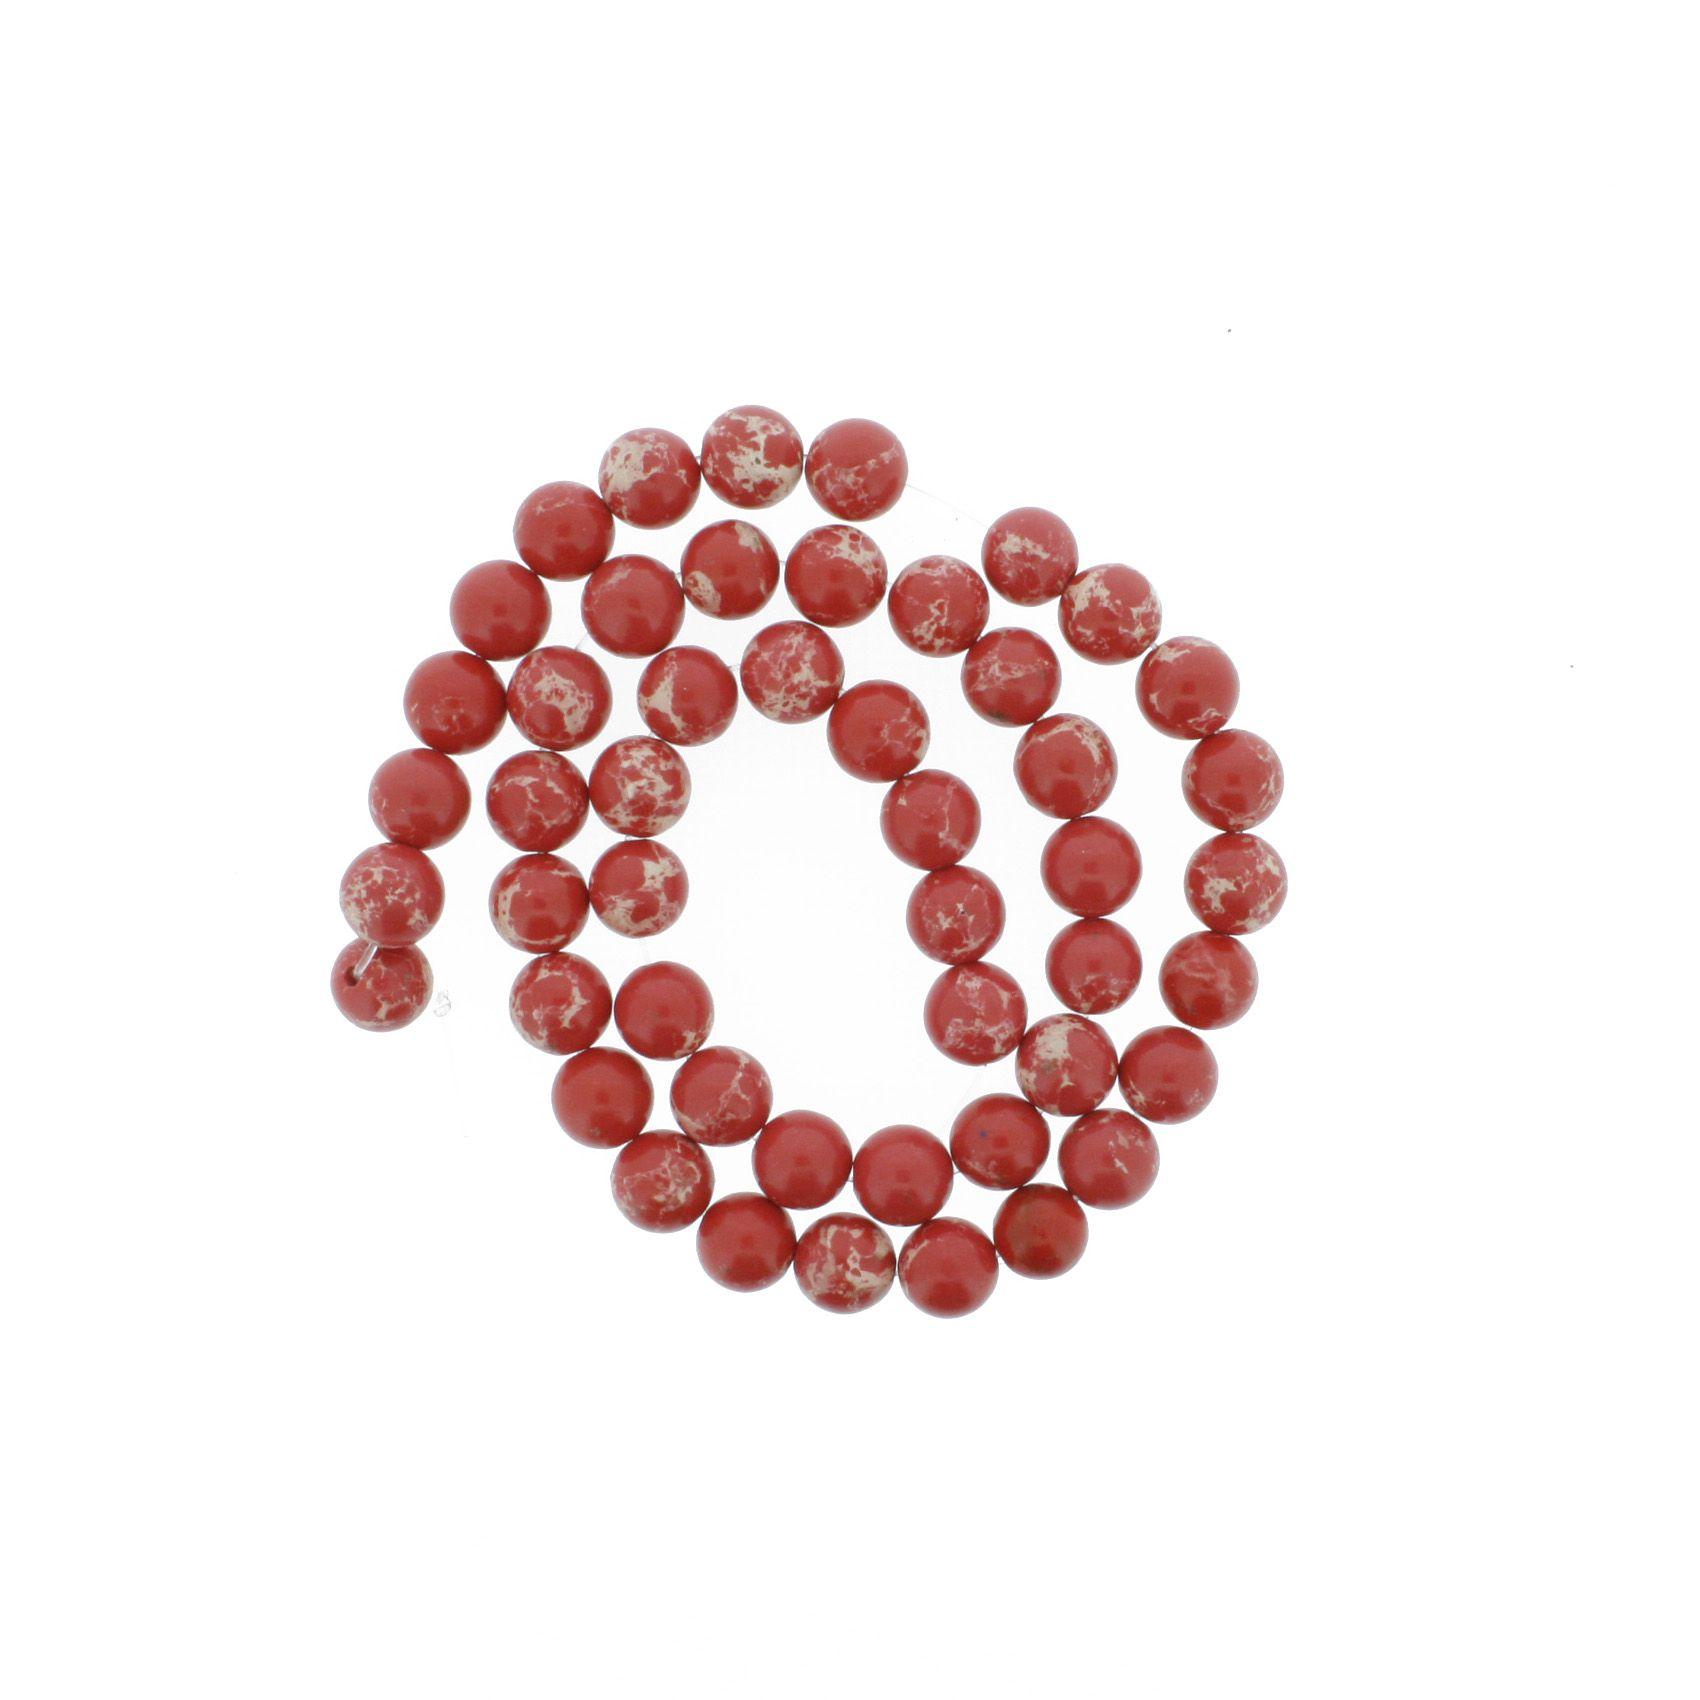 Fio de Pedra - Jaspe Imperial Vermelha - 8mm  - Stéphanie Bijoux® - Peças para Bijuterias e Artesanato